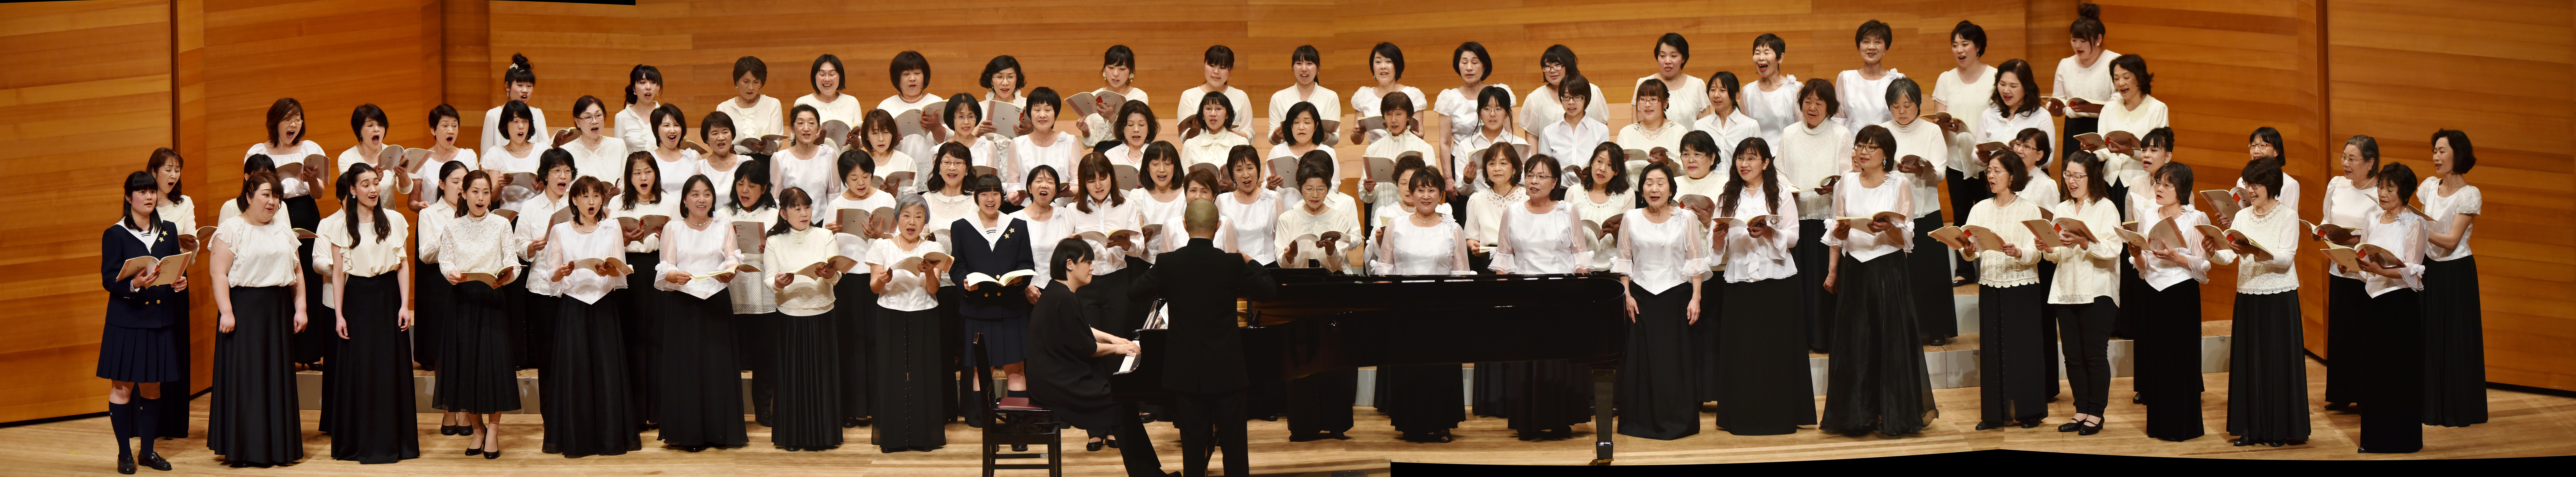 セミナー女声合唱団